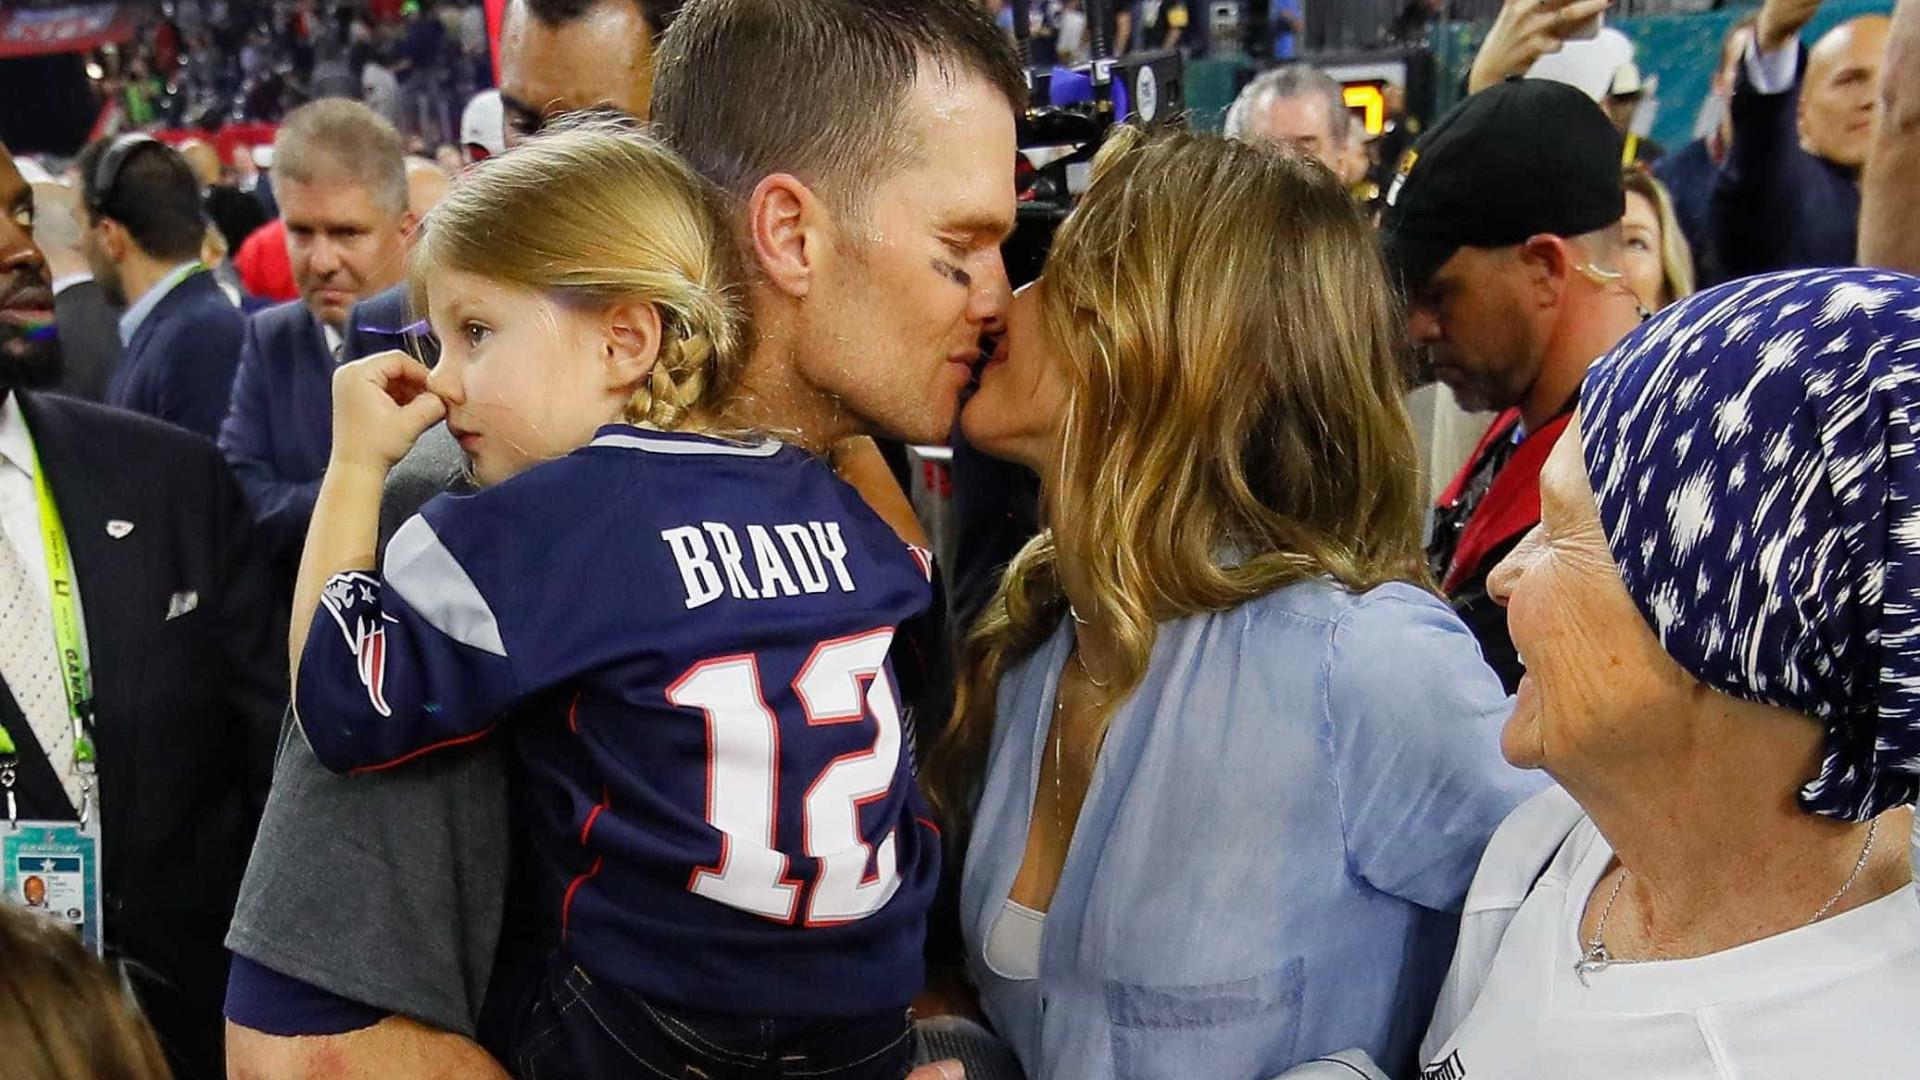 Tom Brady declara-se a Gisele Büdchen em português